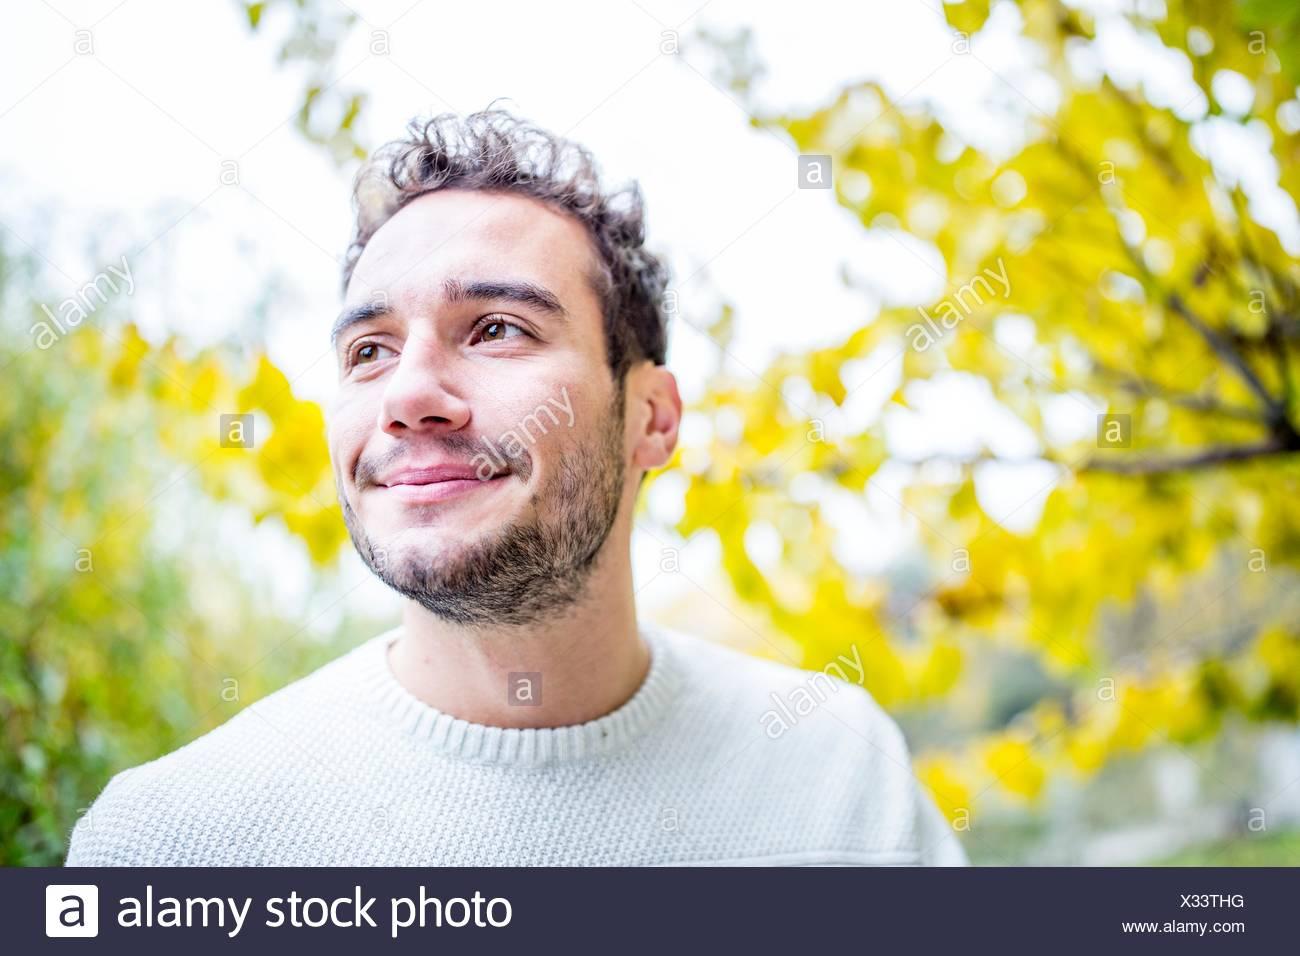 Parution du modèle. Jeune homme à l'écart et, close-up. Photo Stock